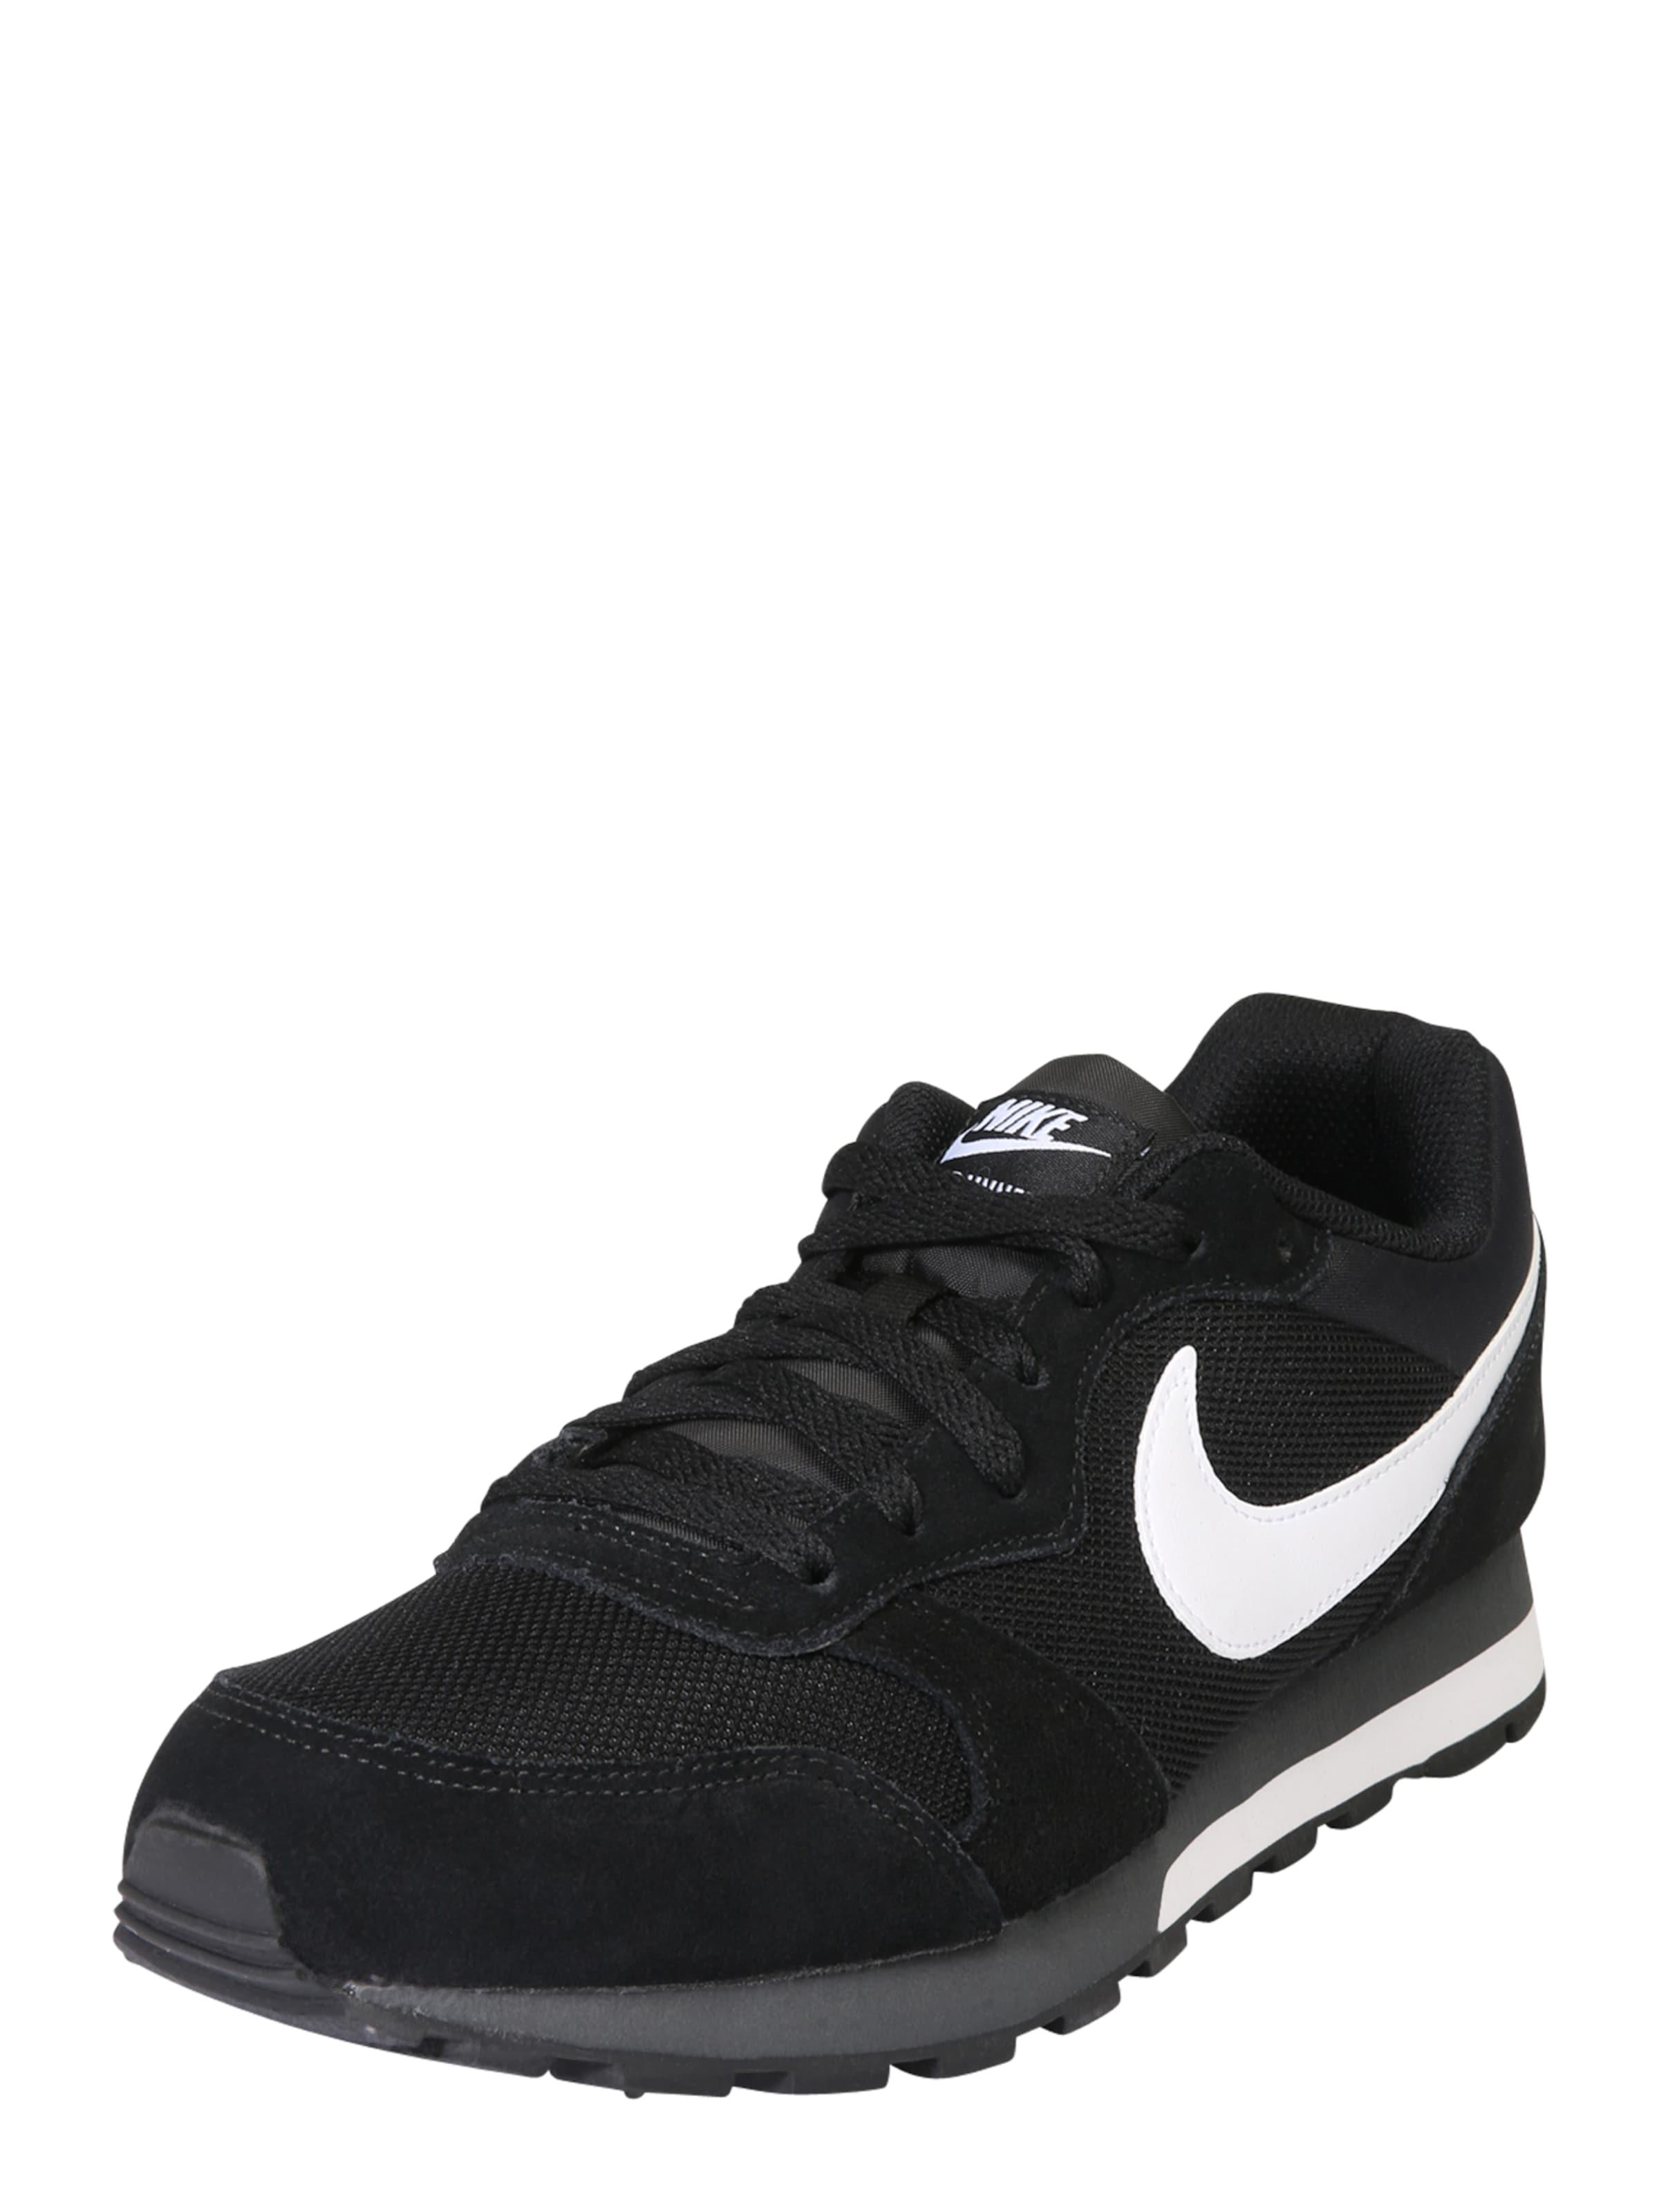 'runner Sneaker Dunkelgrau In 2' Sportswear Nike UpVqSMGz